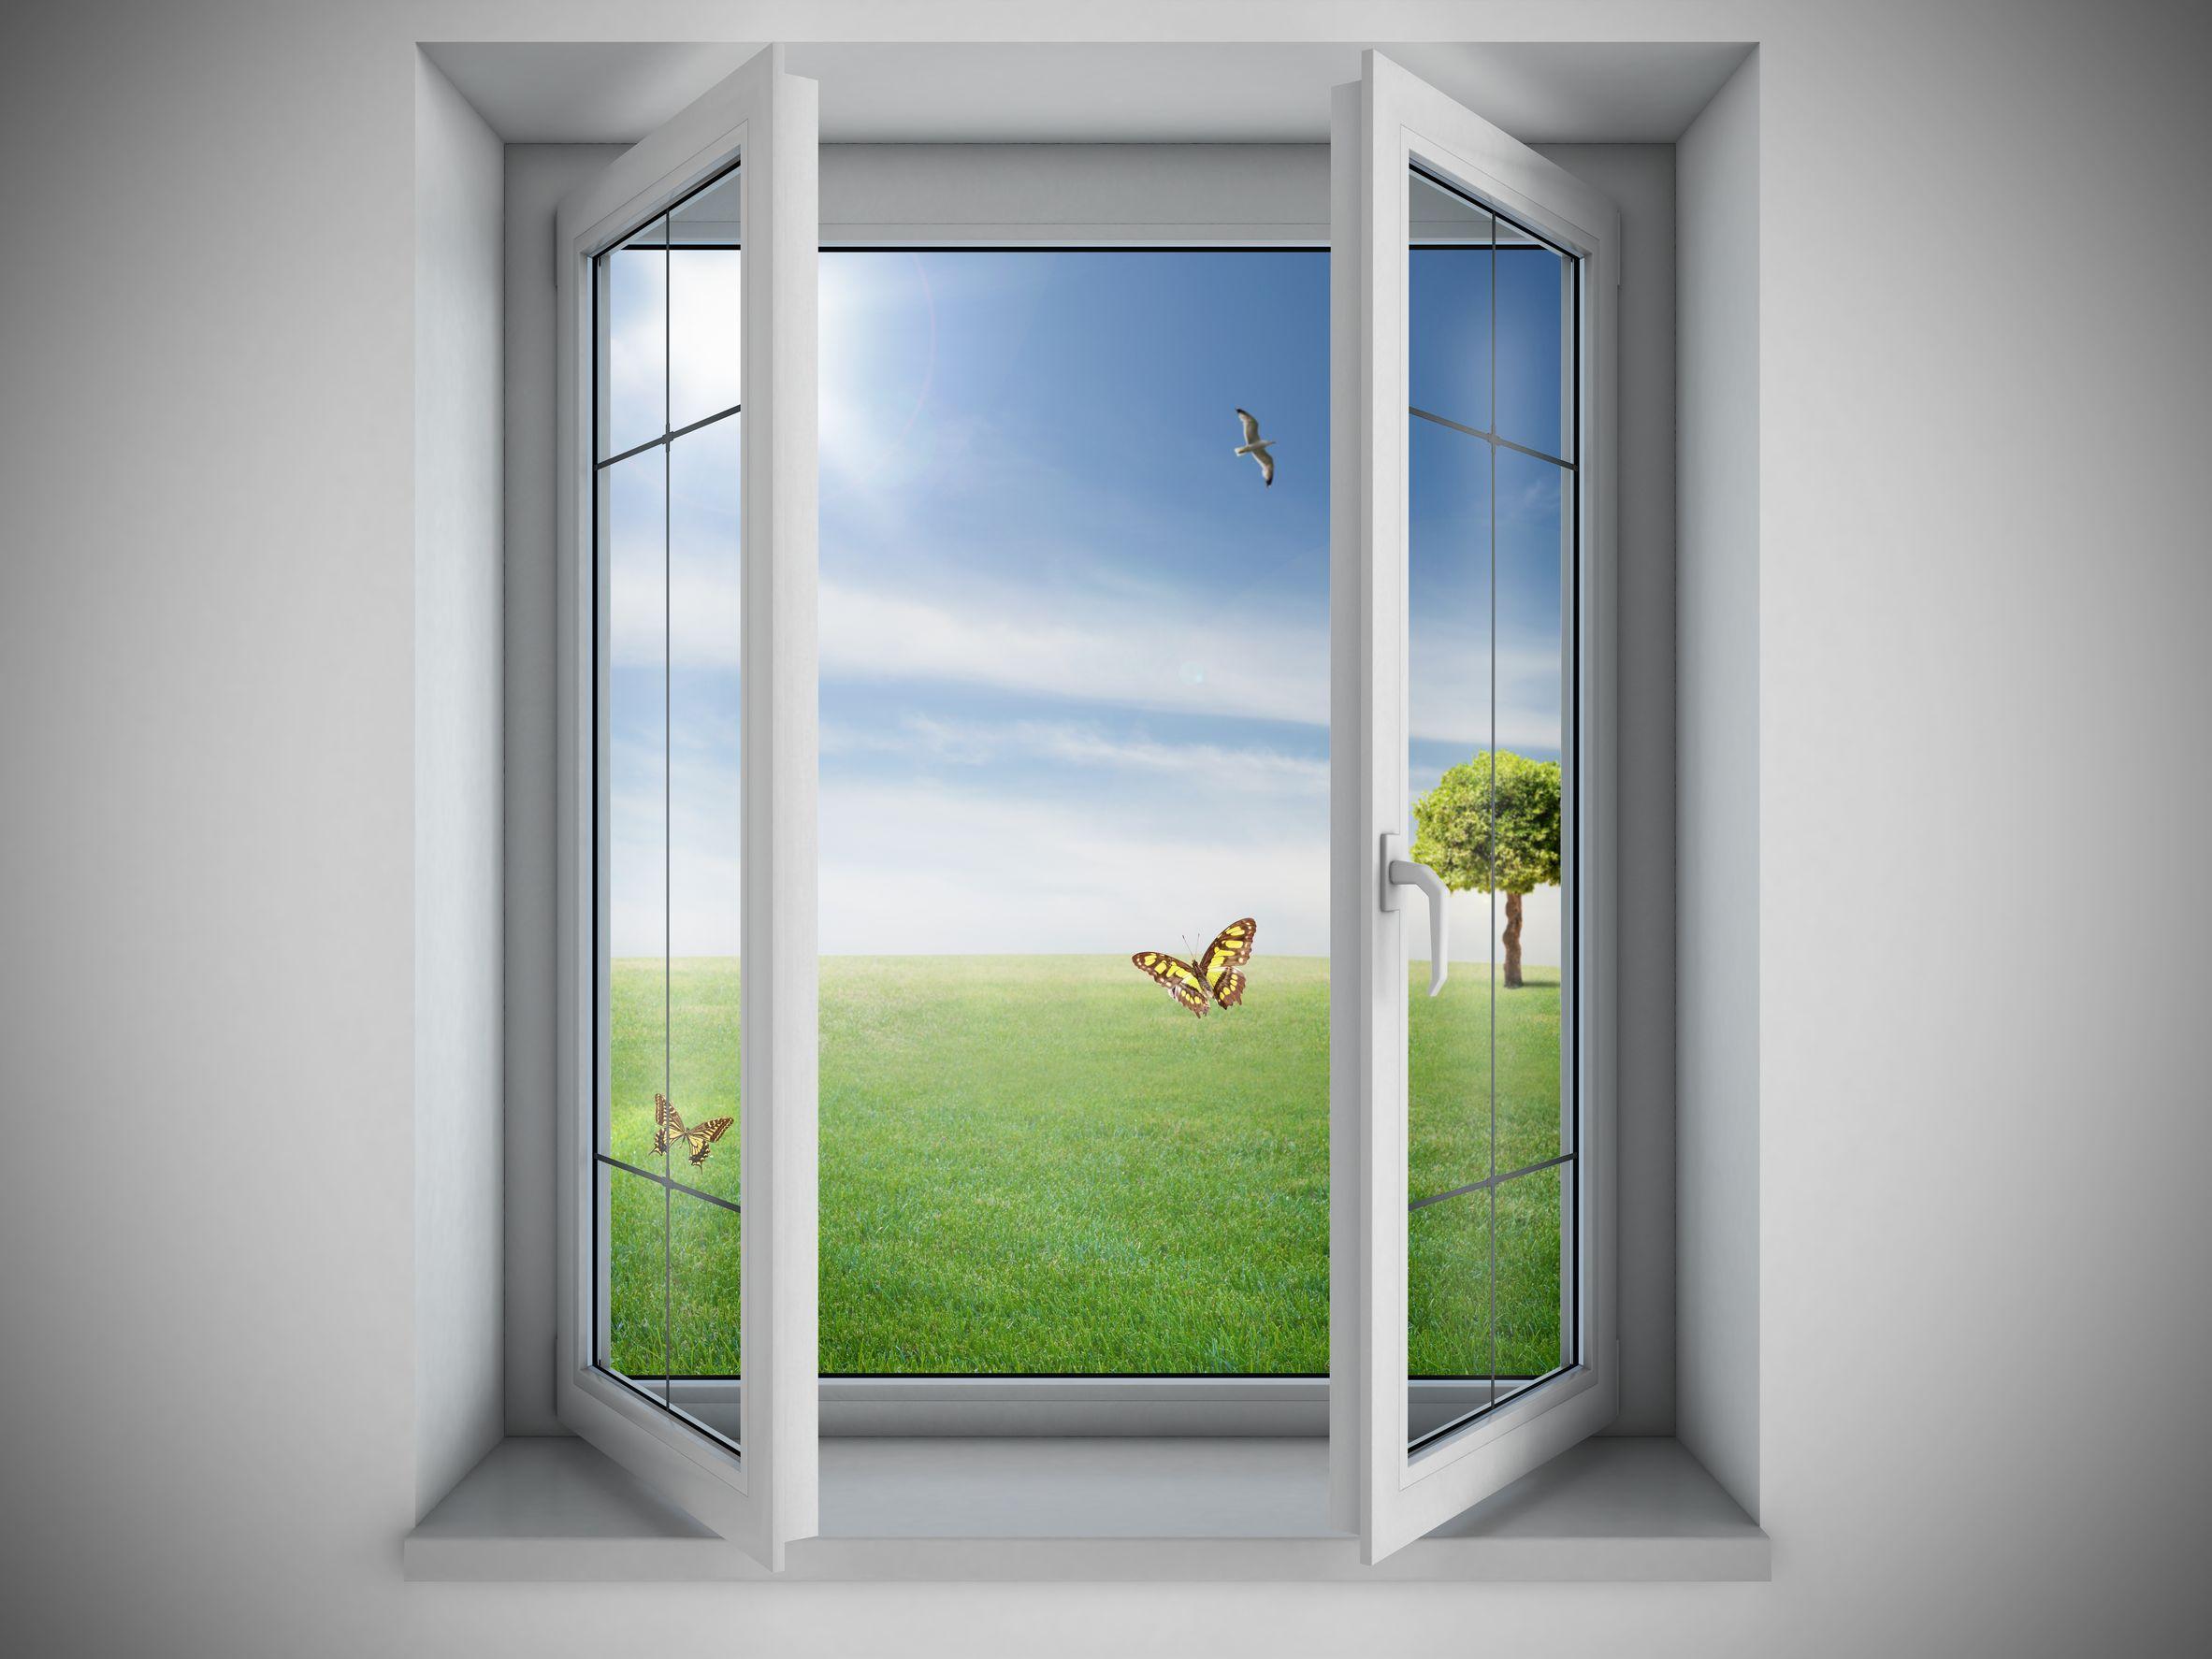 Fisco bonus mobili per chi cambia le finestre - I televisori rientrano nel bonus mobili ...